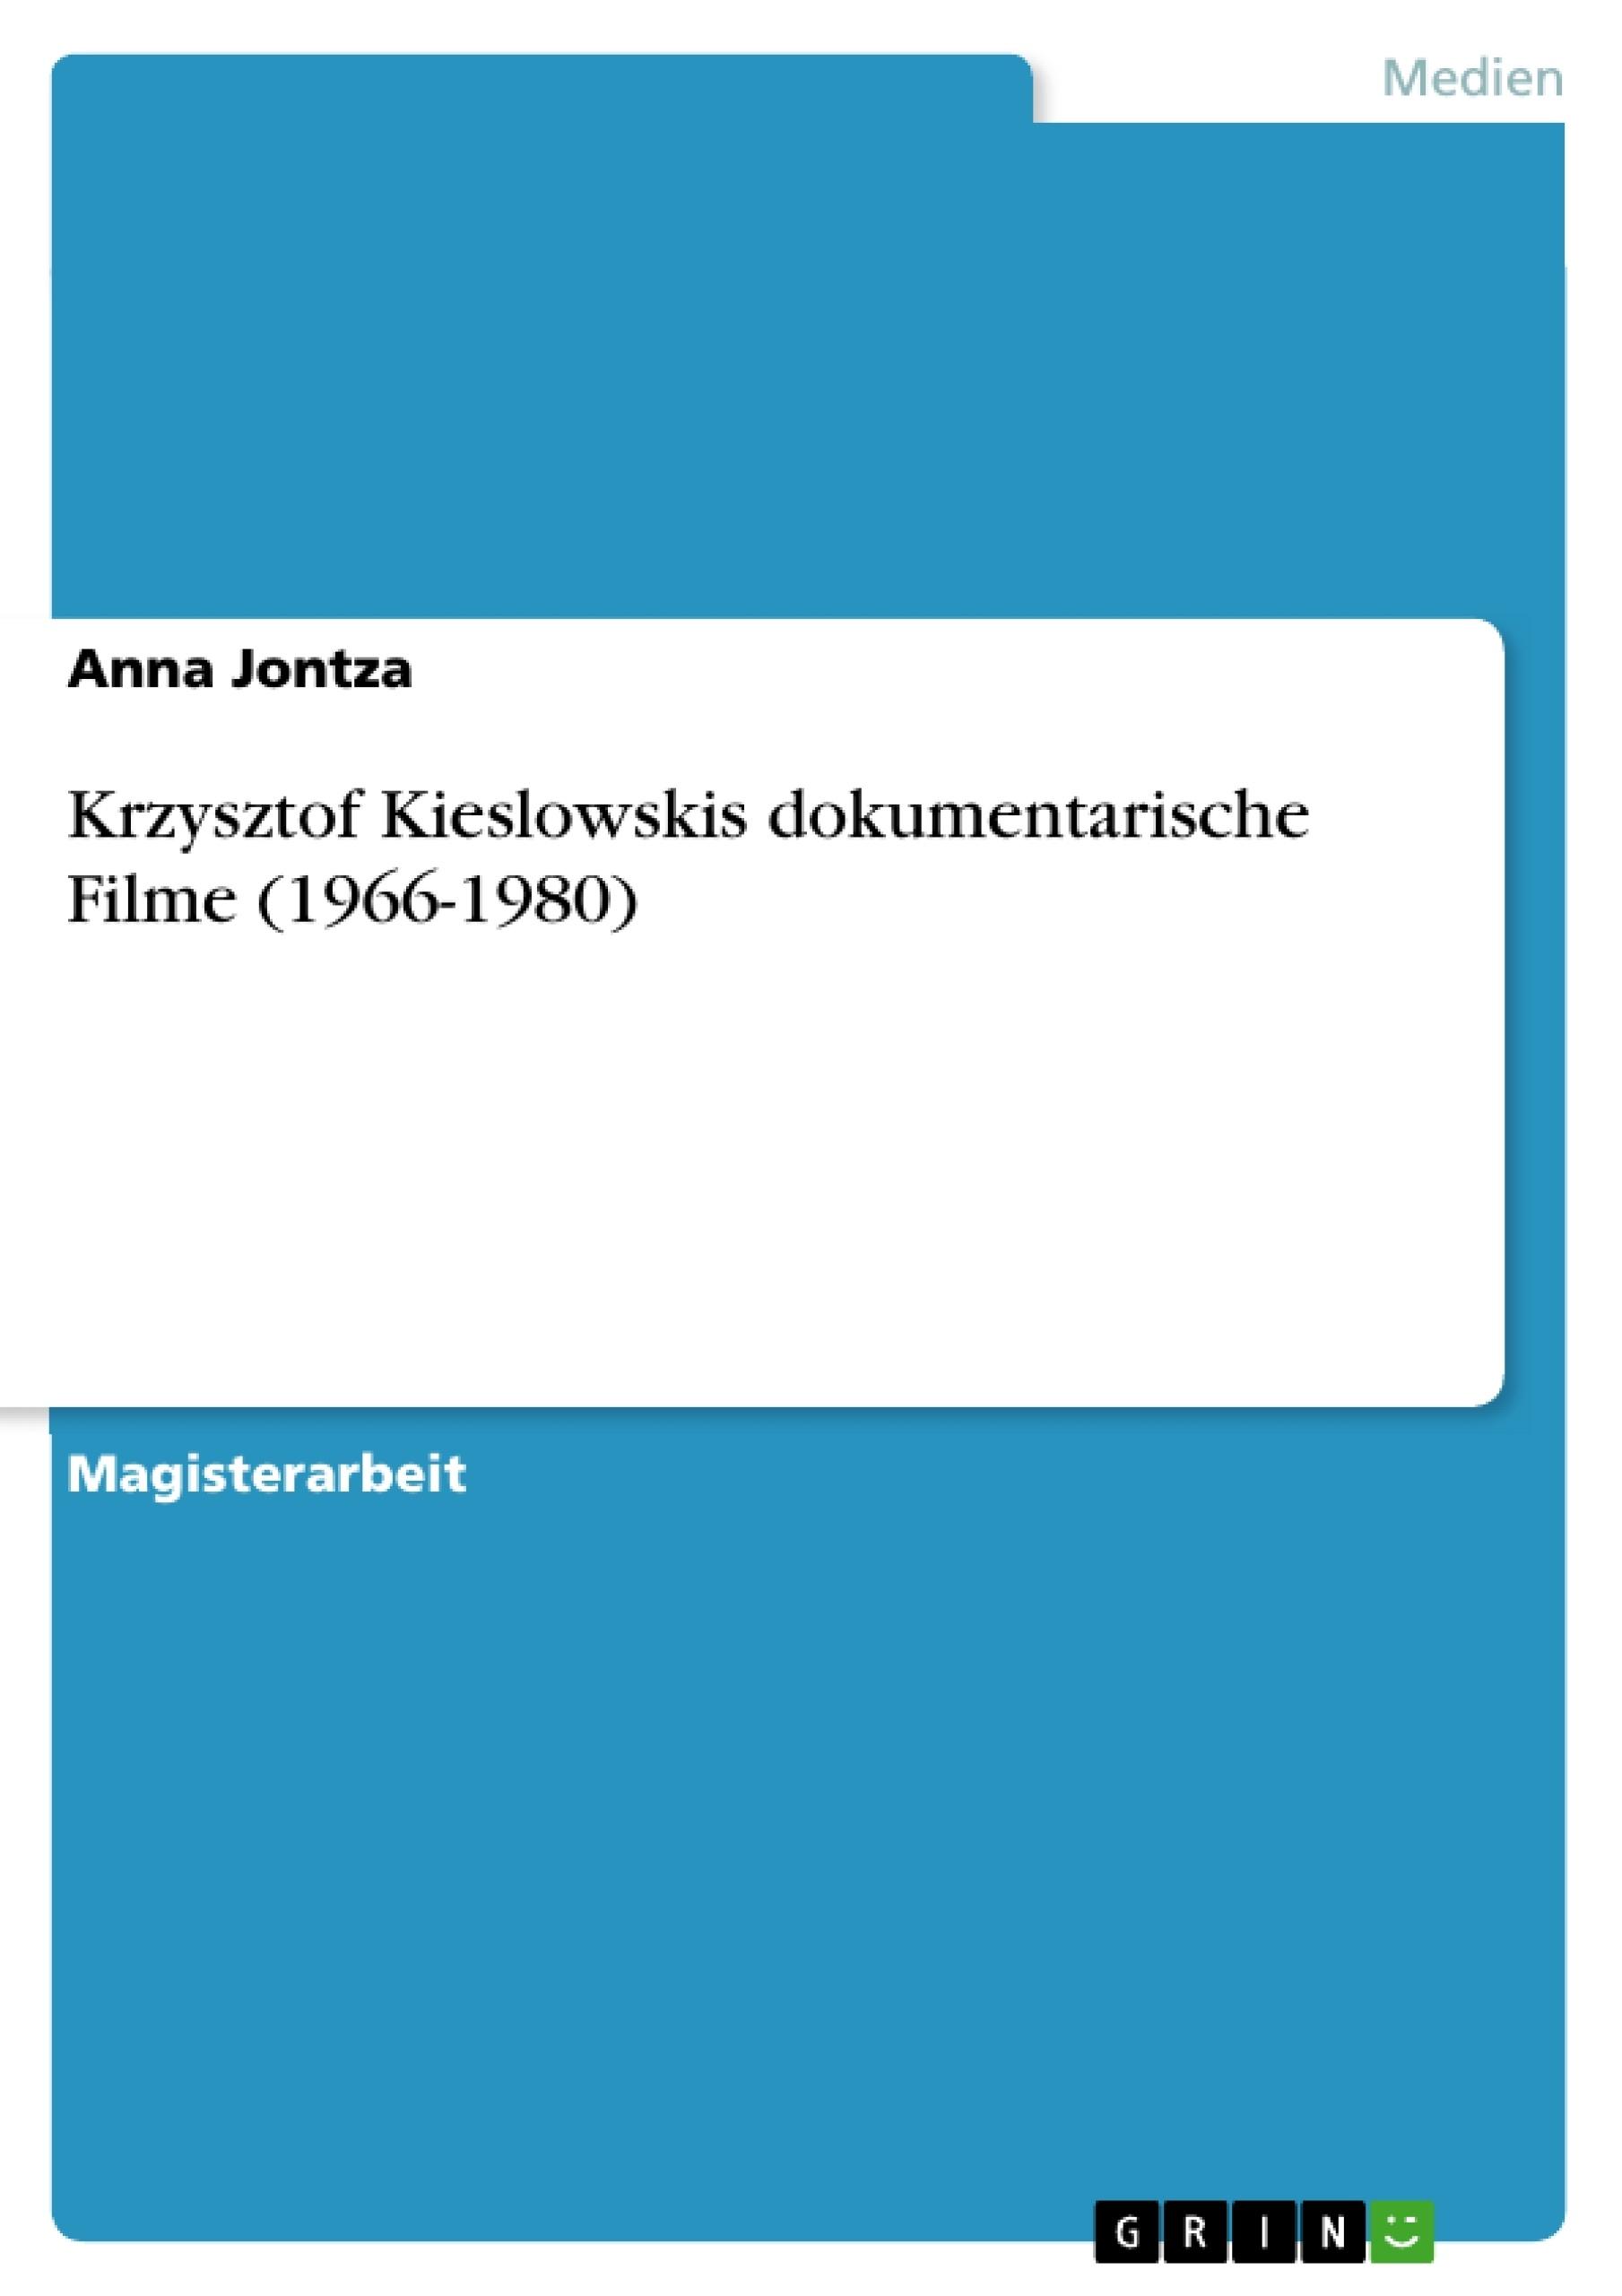 Titel: Krzysztof Kieslowskis dokumentarische Filme (1966-1980)